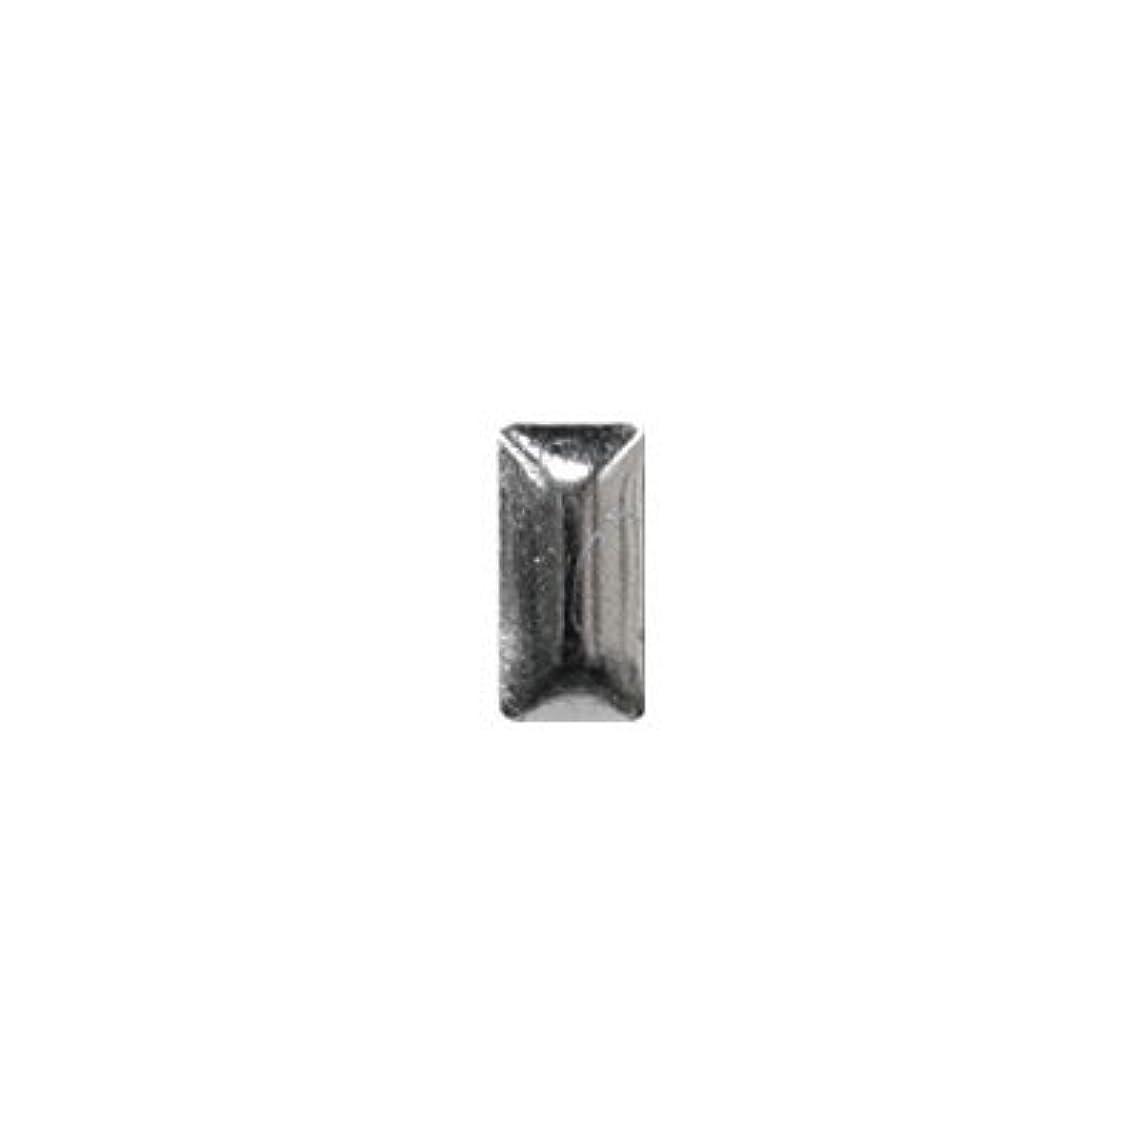 作物酸素教育ピアドラ スタッズ メタル長方形 2×4mm 50P シルバー